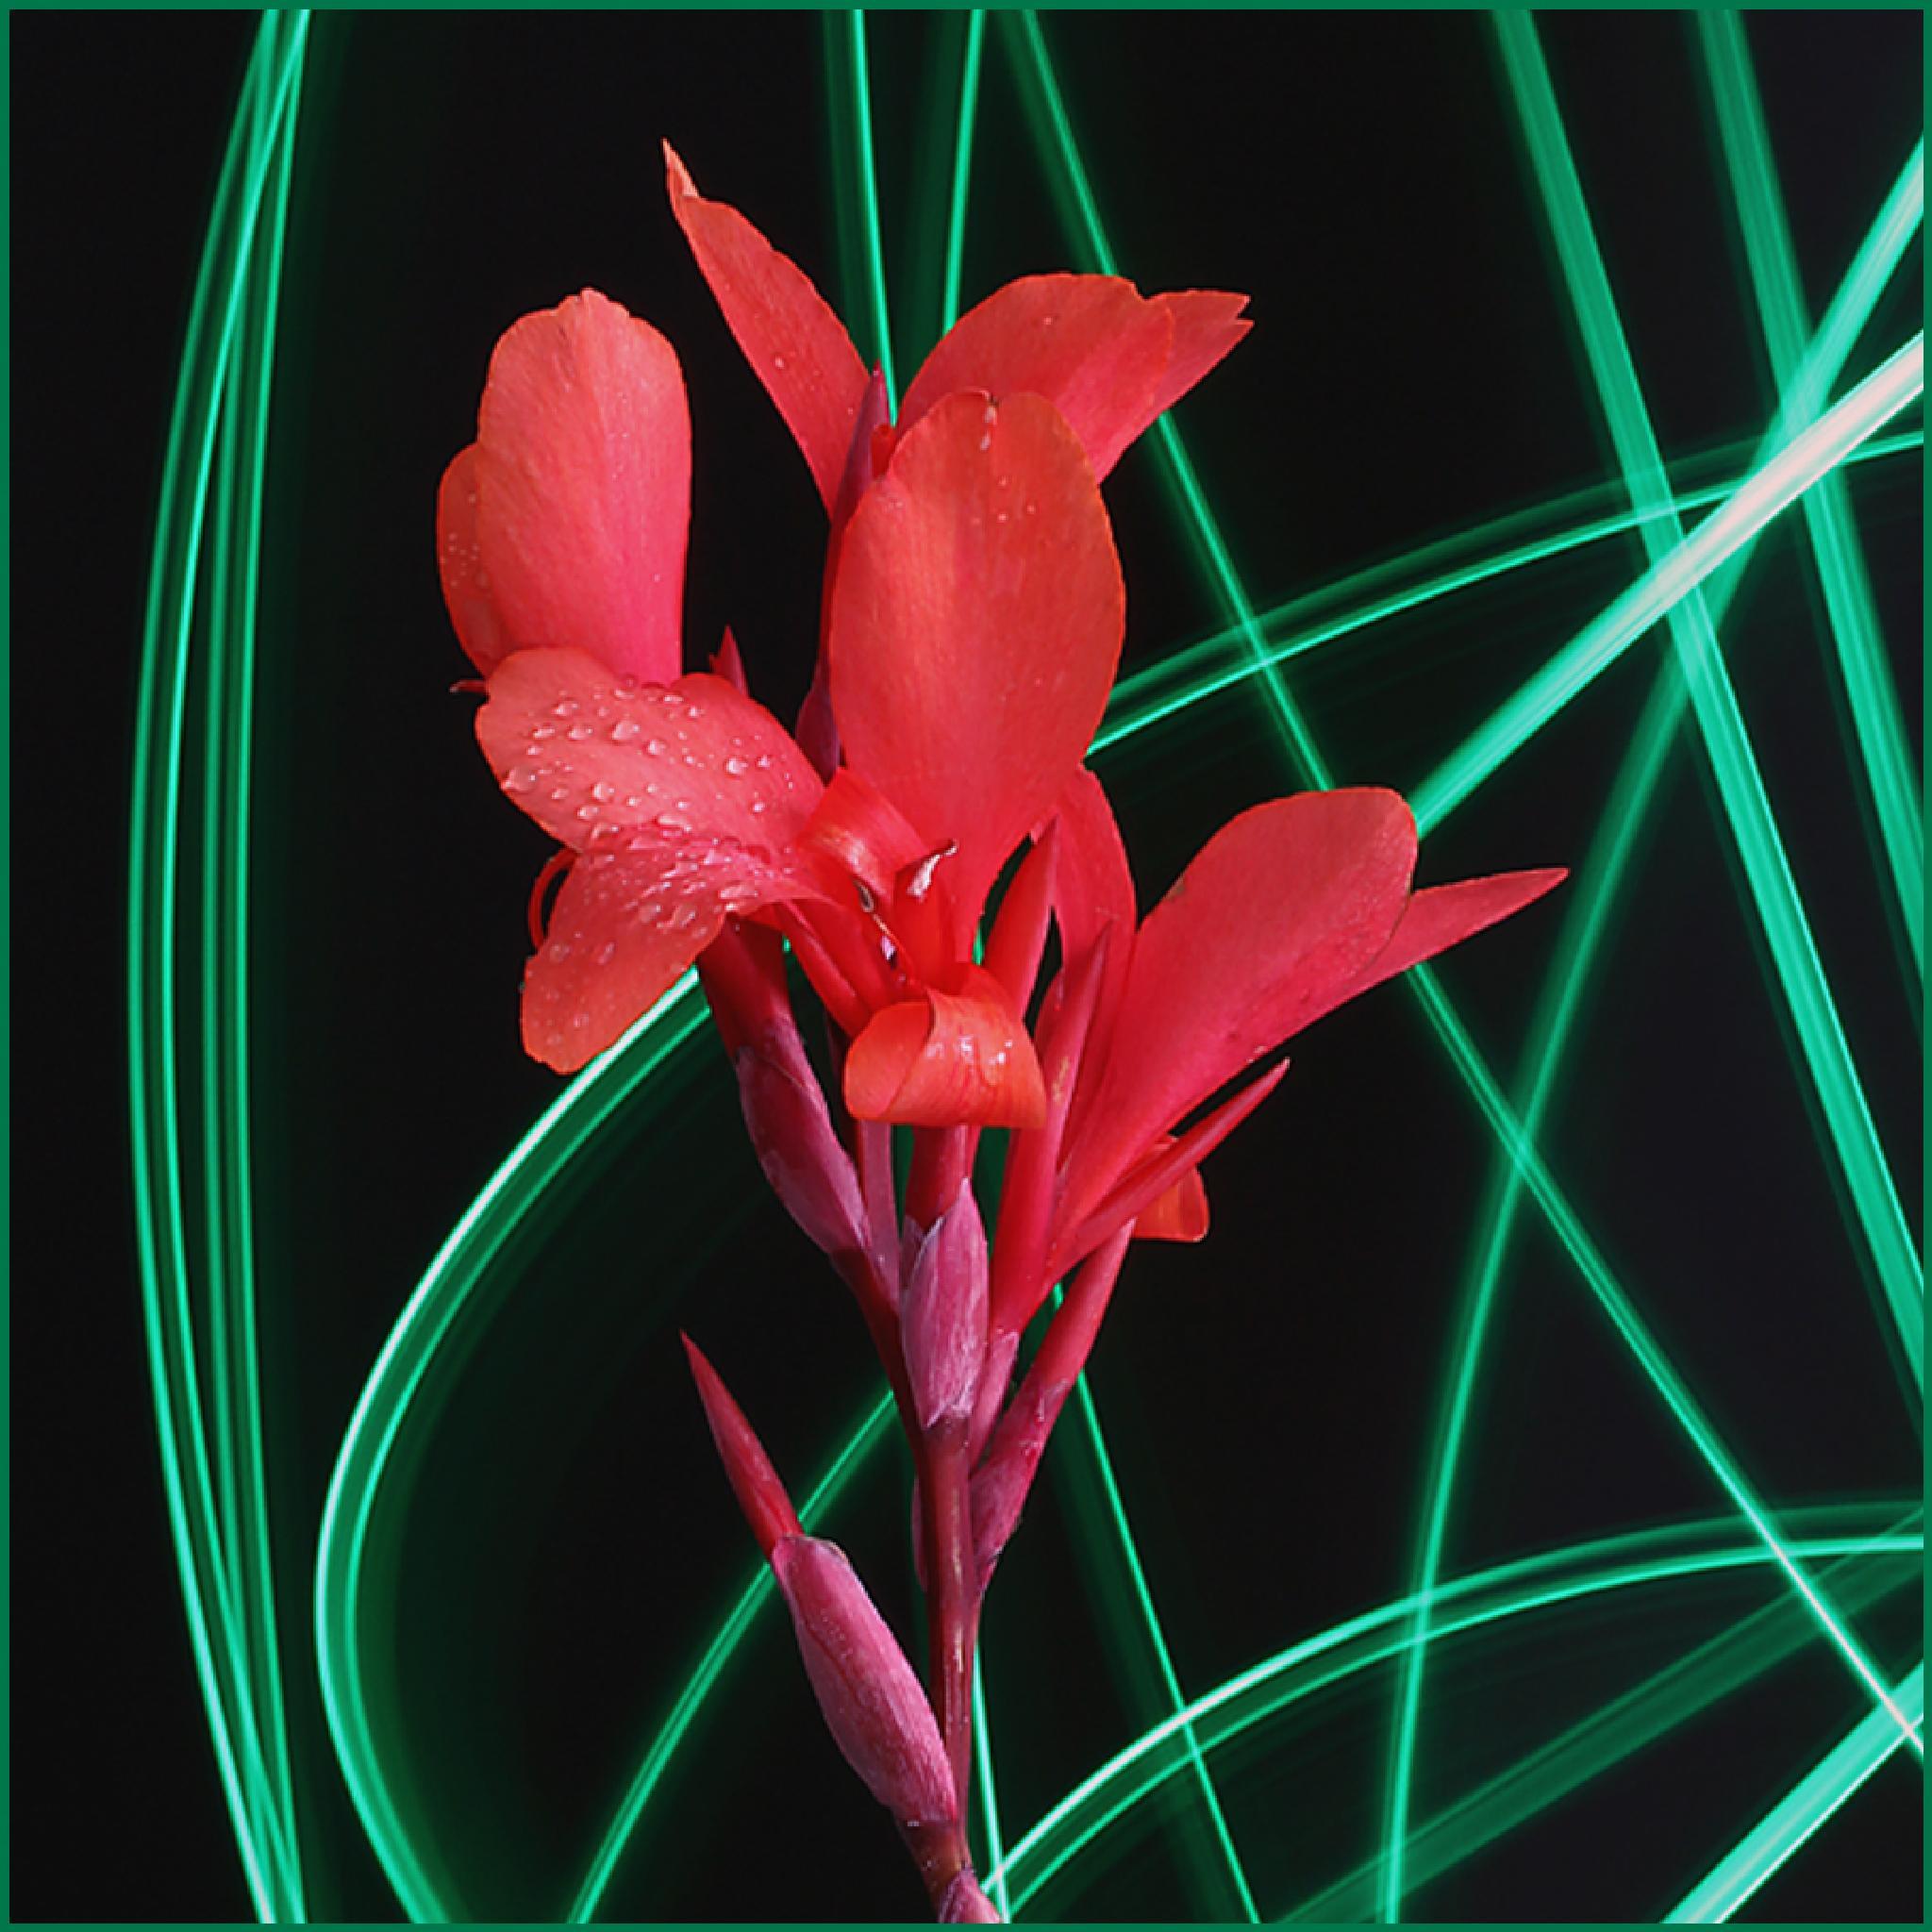 Flower - abstract by Vladimír Novák